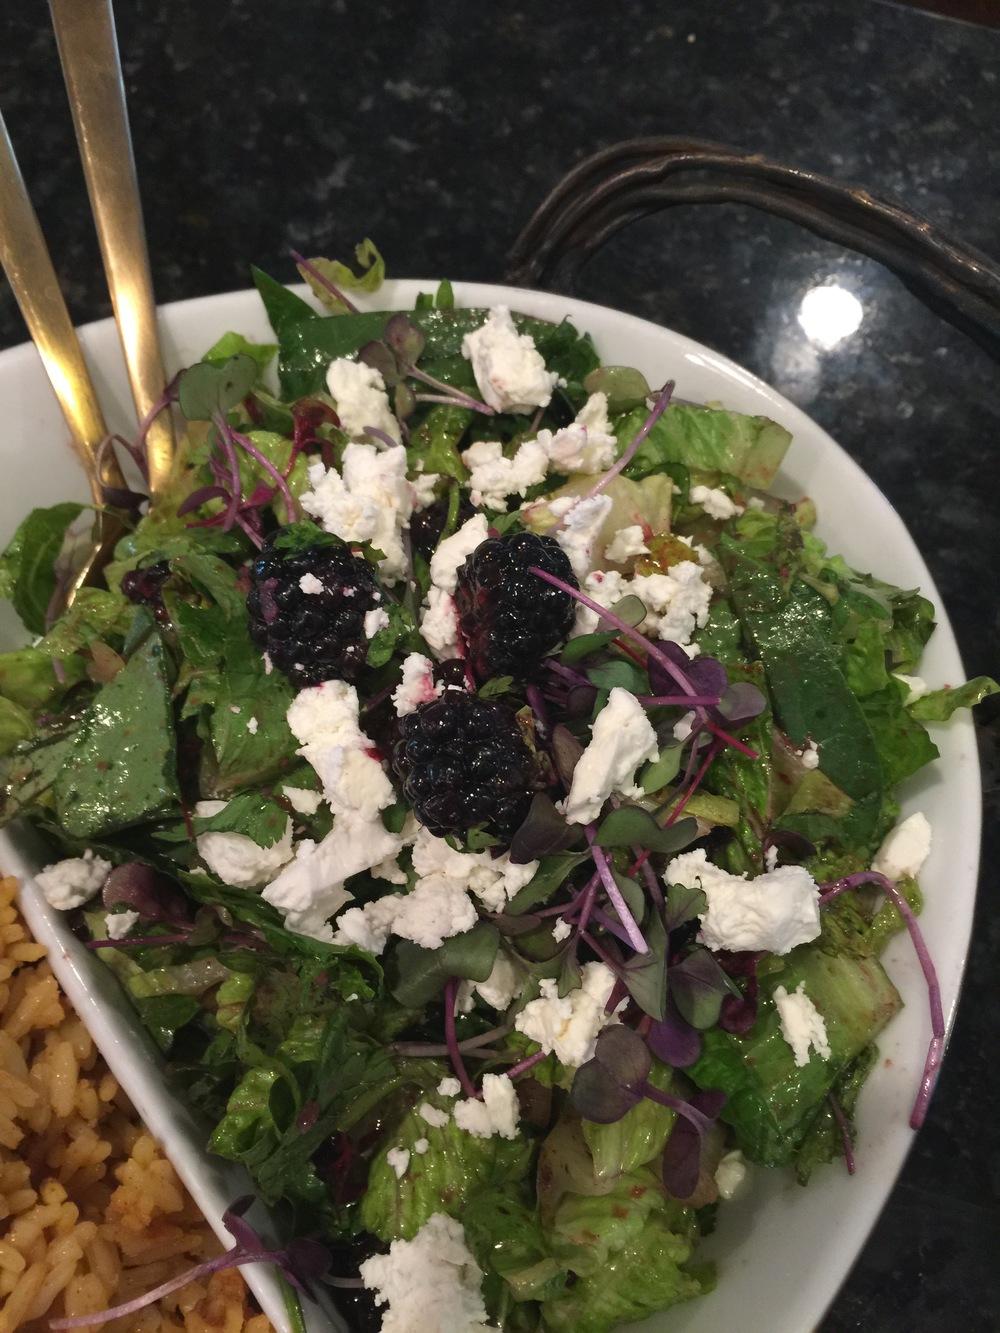 Feta & Berry Salad